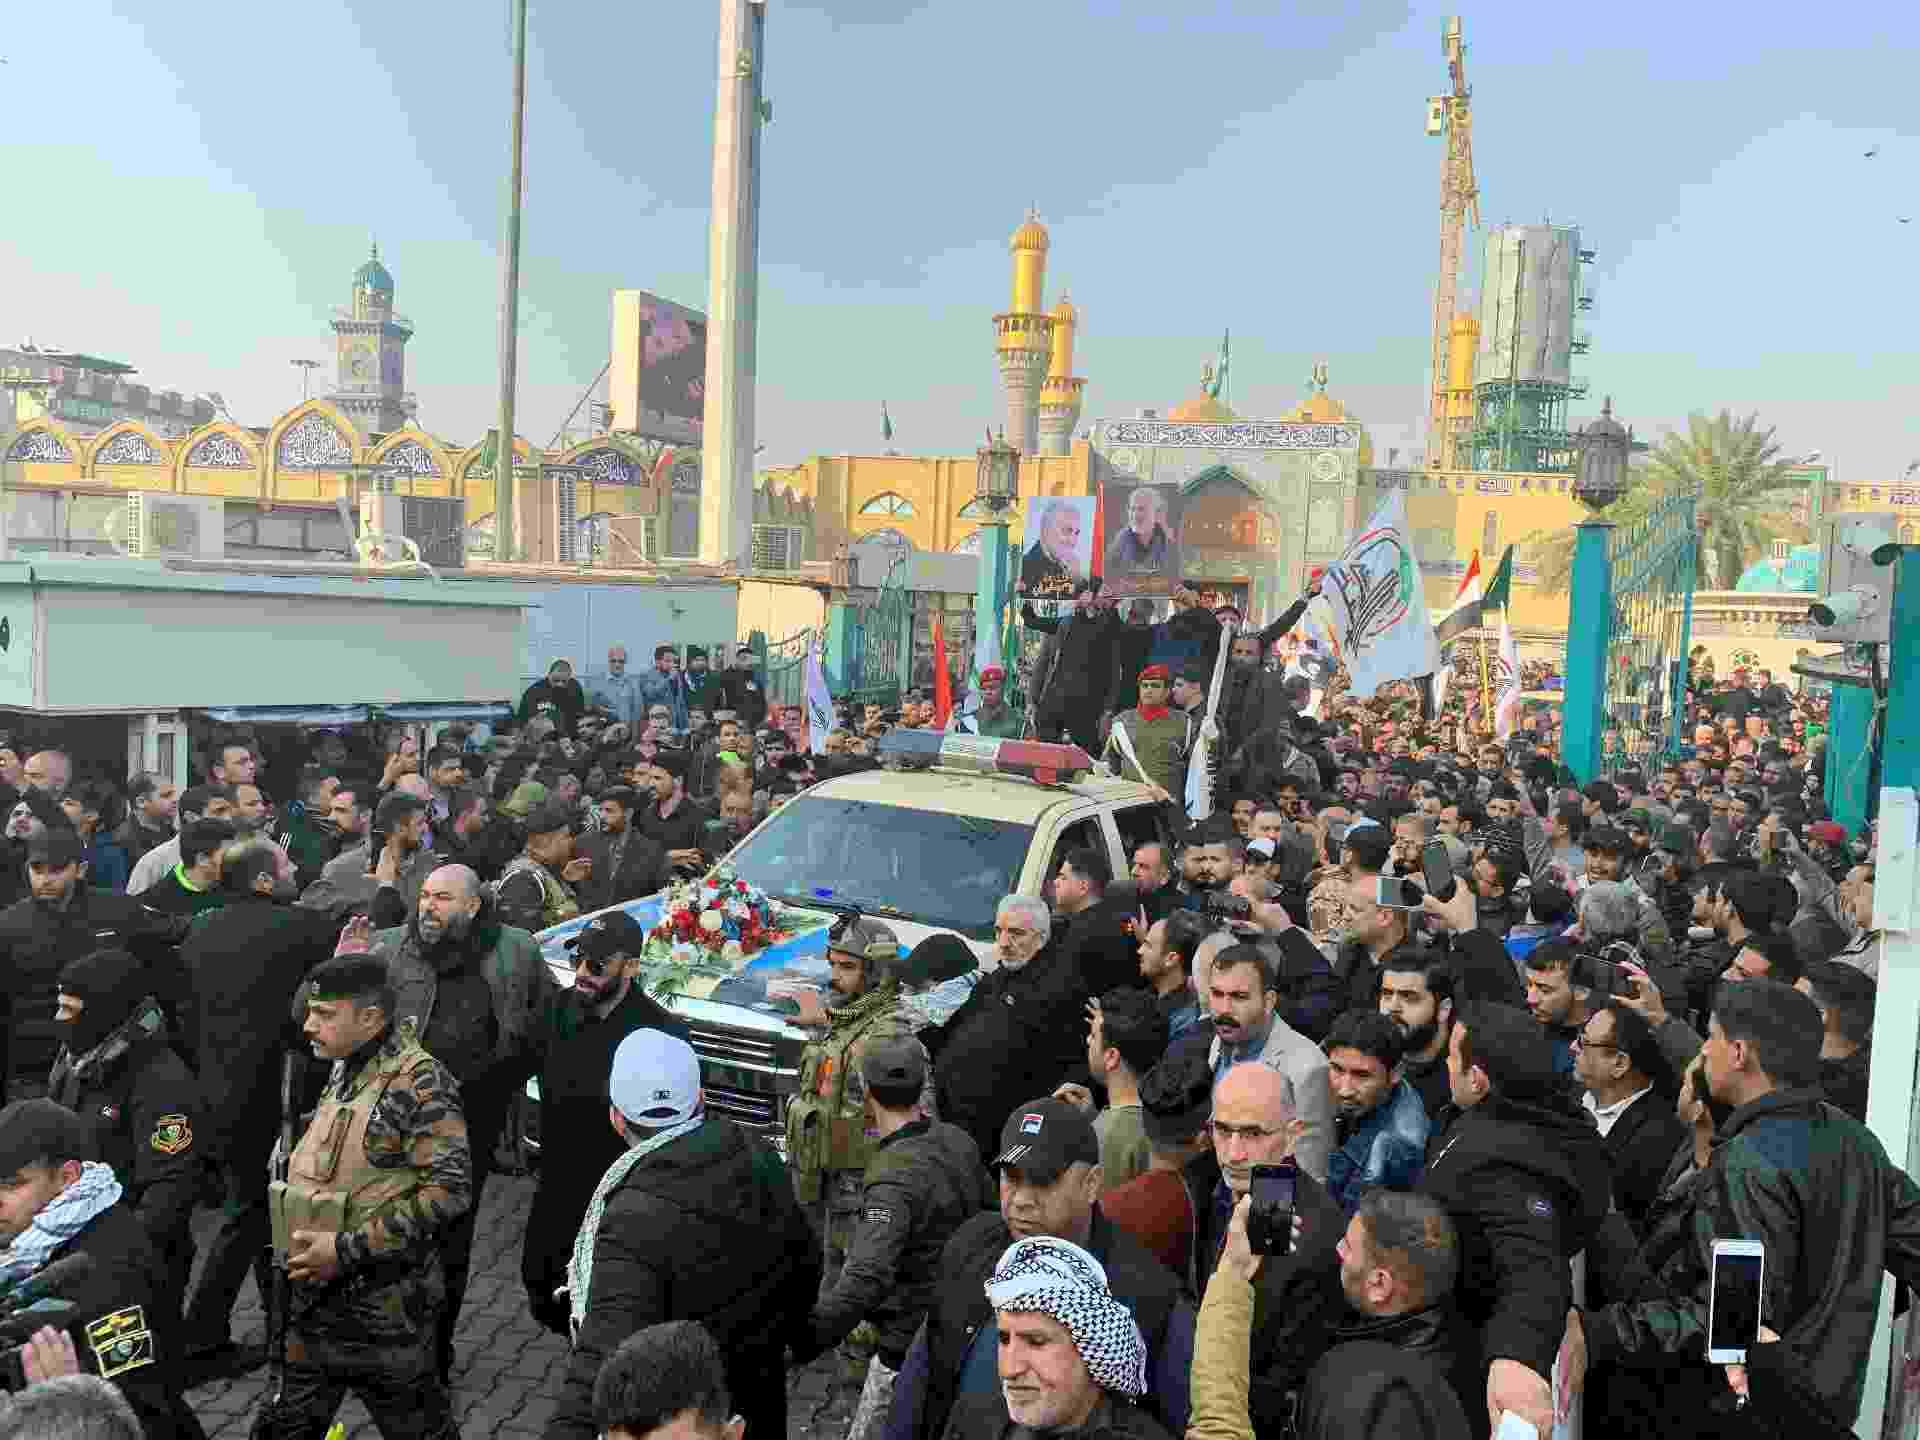 Multidão acompanha o funeral do comandante militar iraquiano, Abu Mahdi al-Muhandis, e  do general iraniano Qasem Soleimani eem Bagdá - WISSM AL-OKILI/REUTERS